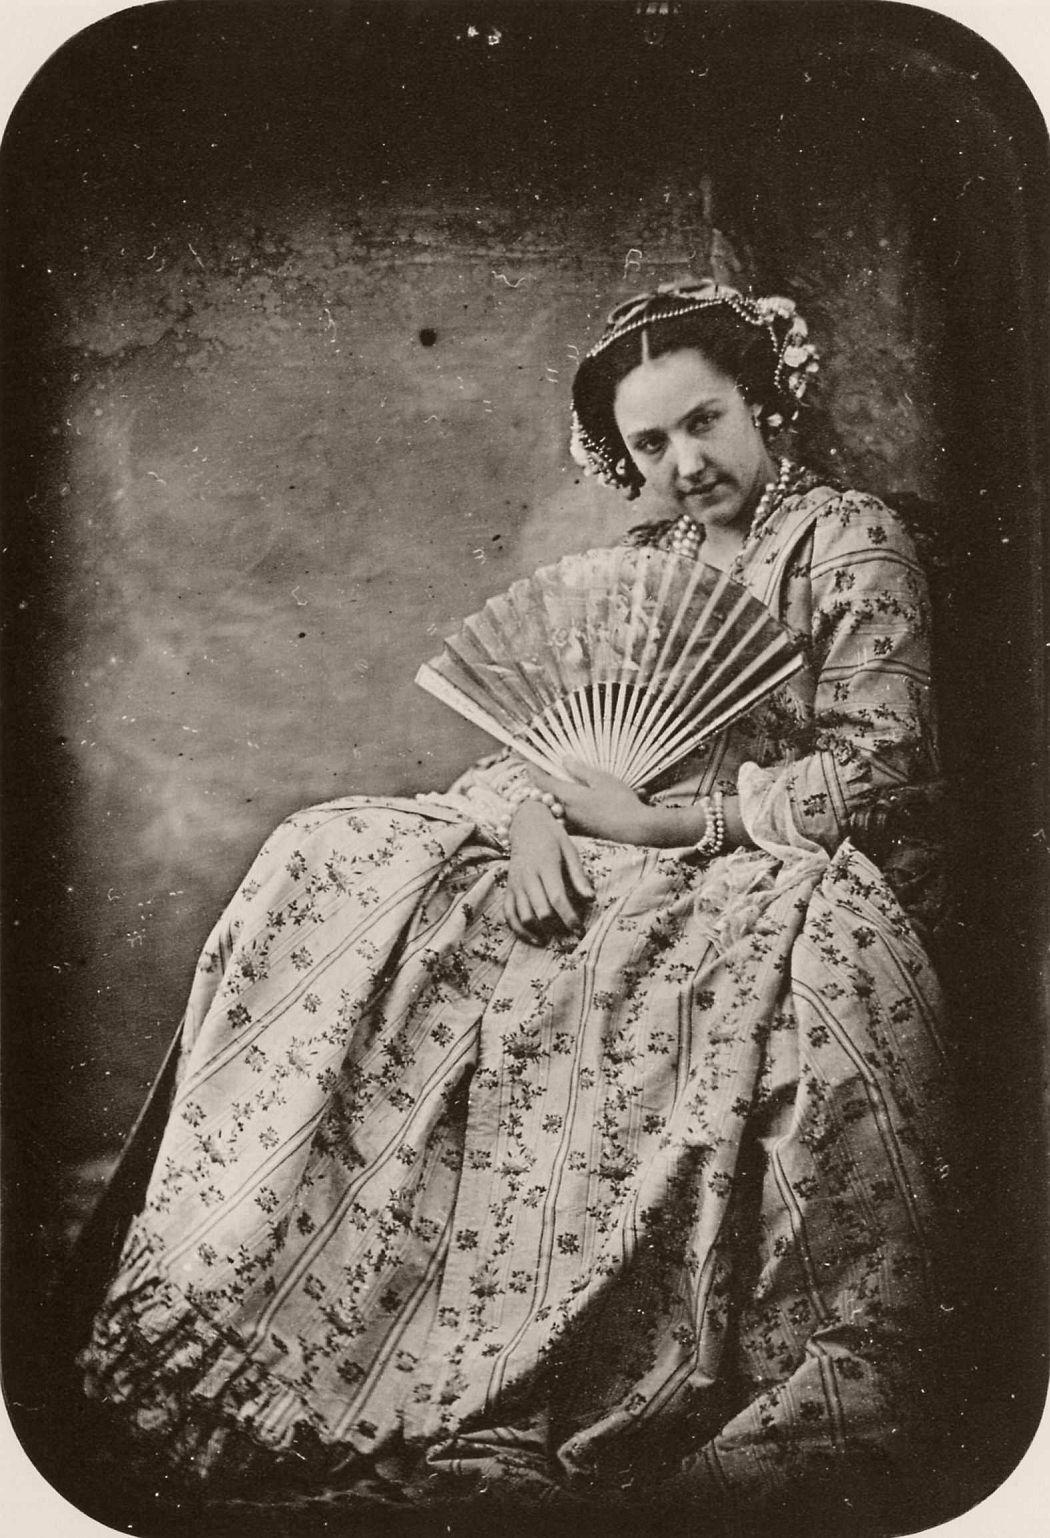 Woman with fan (1843)